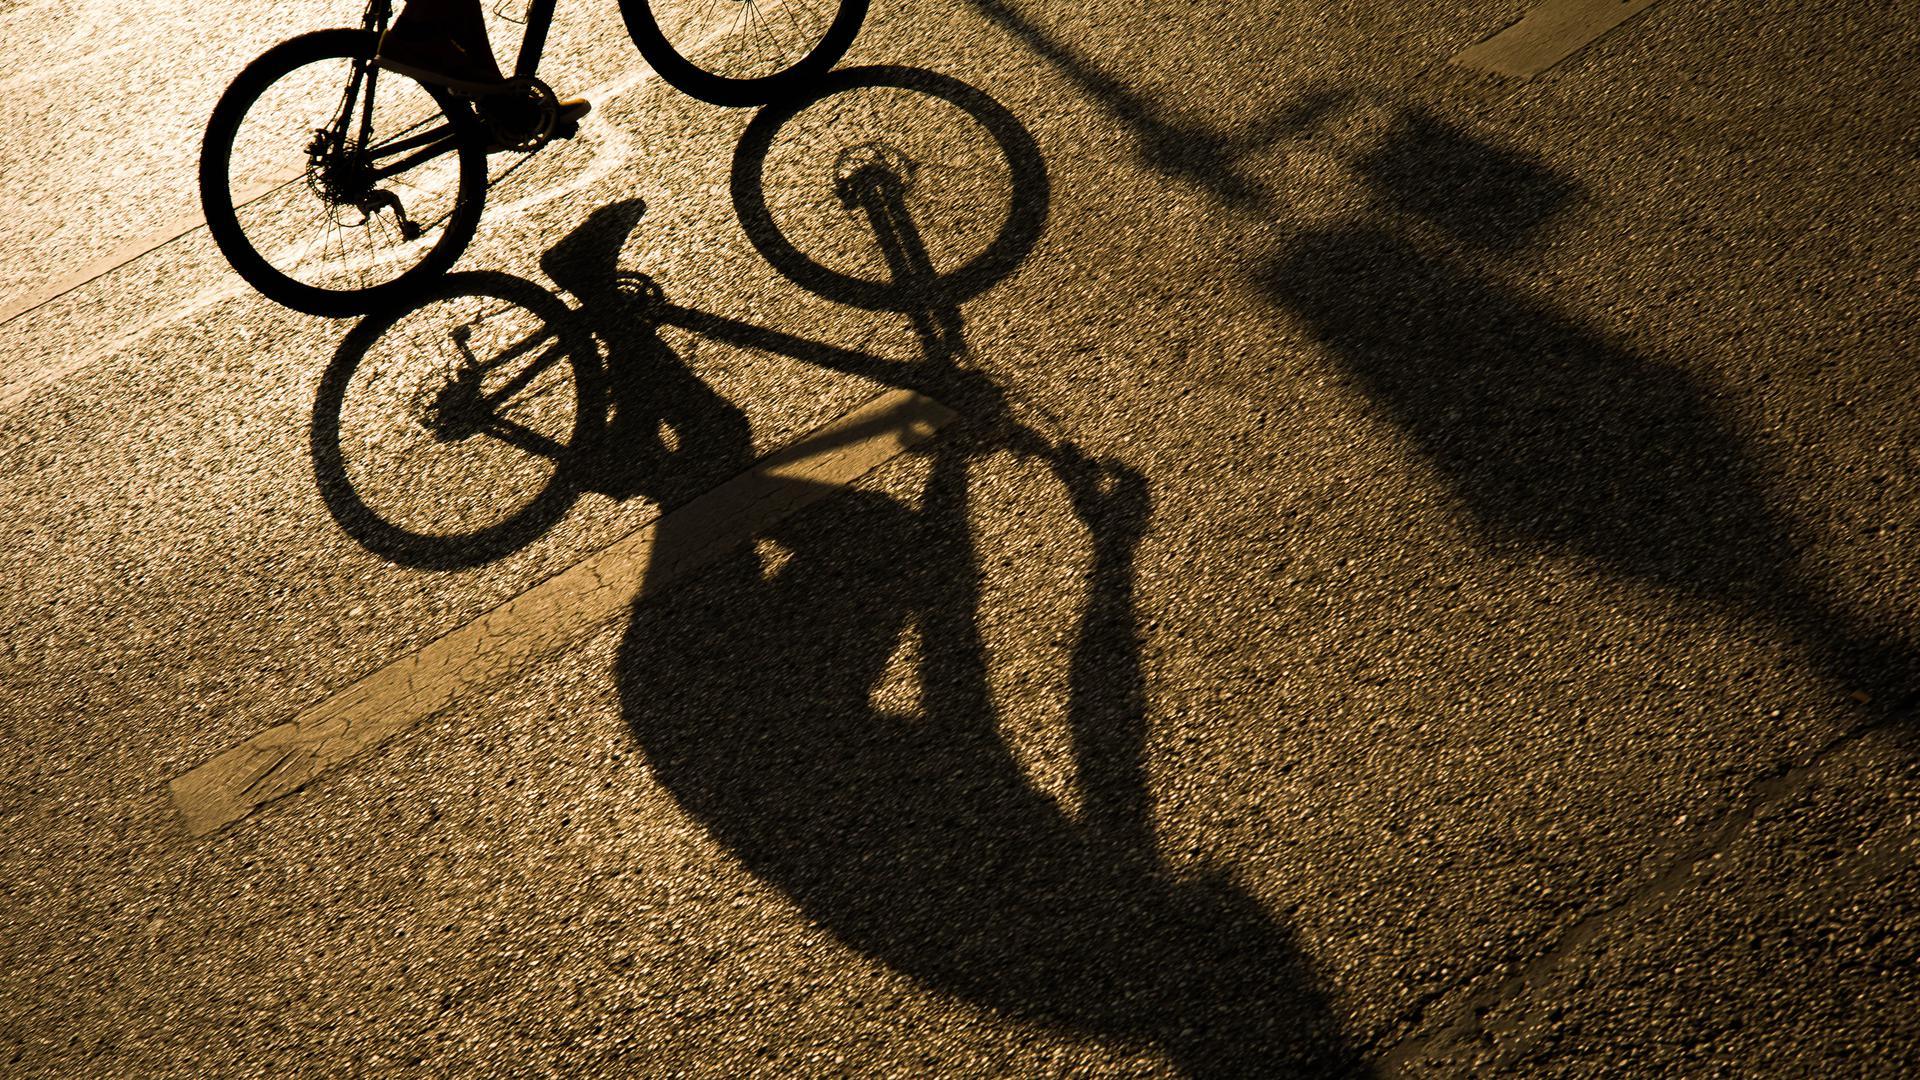 Der Schatten eines Radfahrers zeichnet sich in Licht der Abendsonne auf dem Asphalt einer Strasse in der Innenstadt ab. (zu dpa «Umfrage: Viele Bürger wollen auch nach Corona mehr mit dem Rad fahren»)